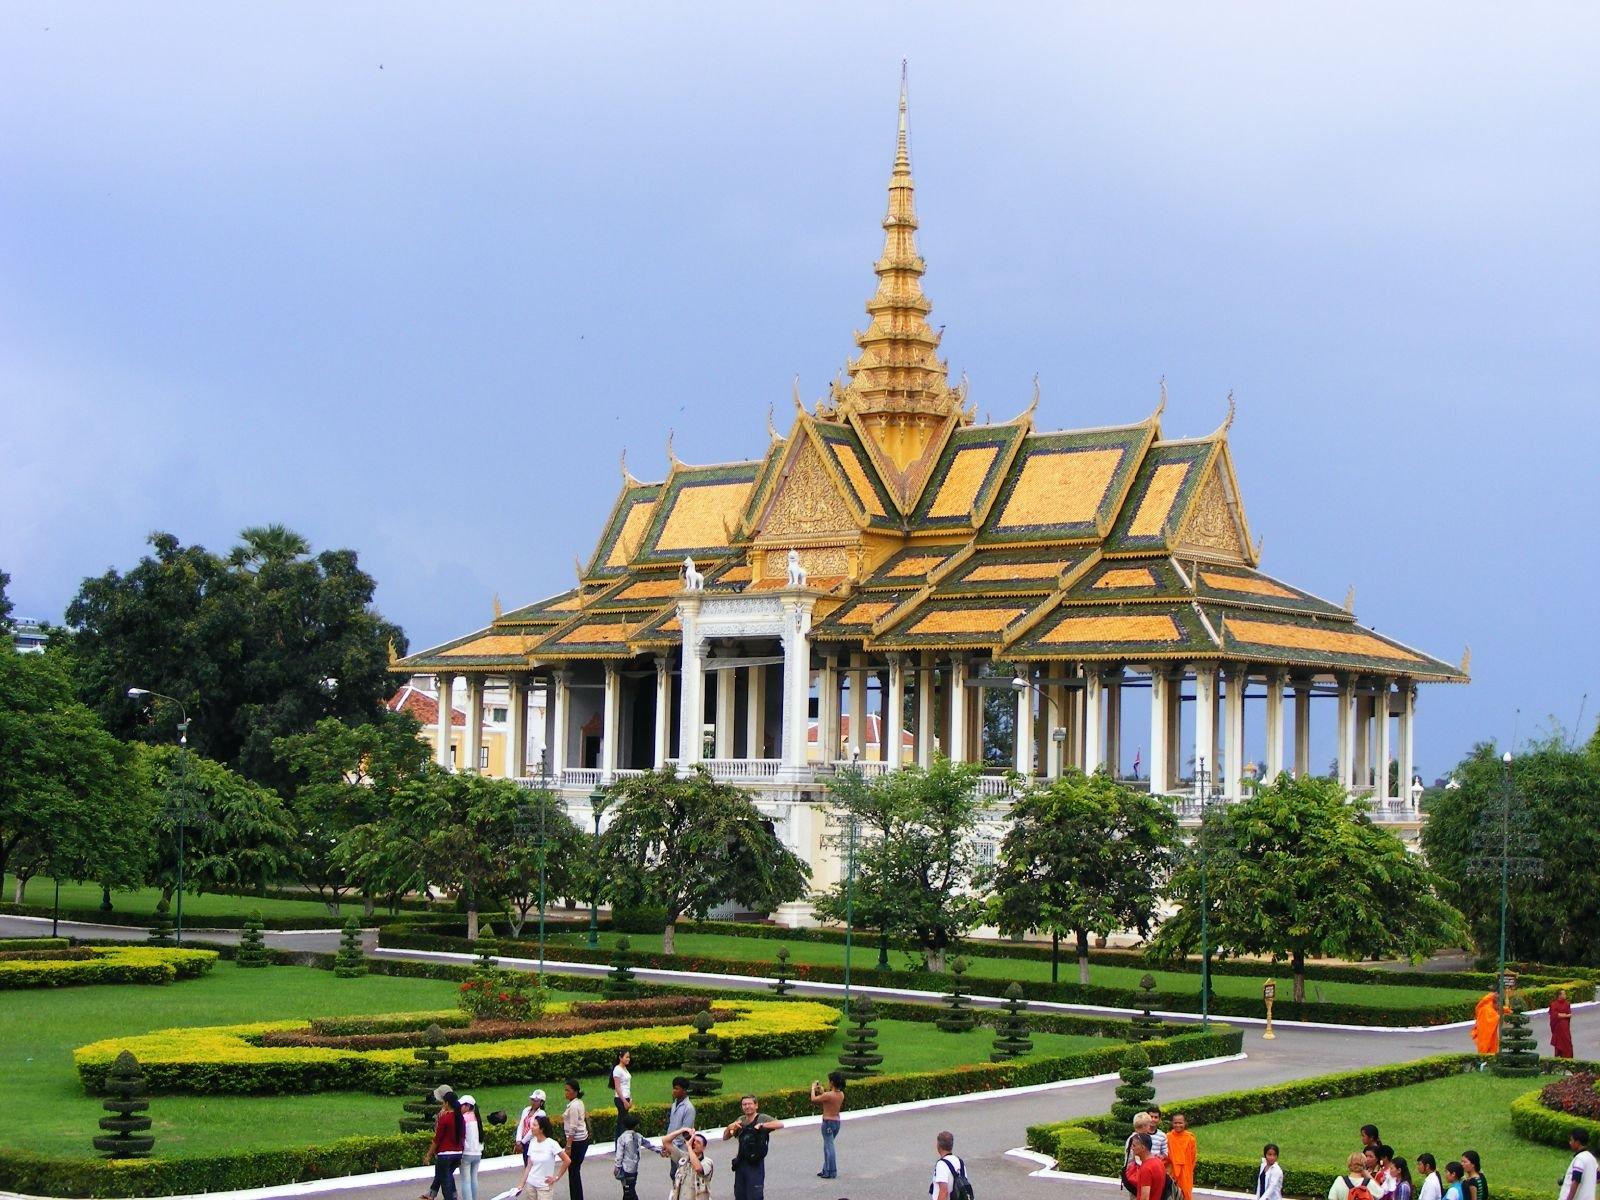 Cung điện hoàng gia nguy nga với những quần thể đền chùa mái vàng đang có nhiều du khách